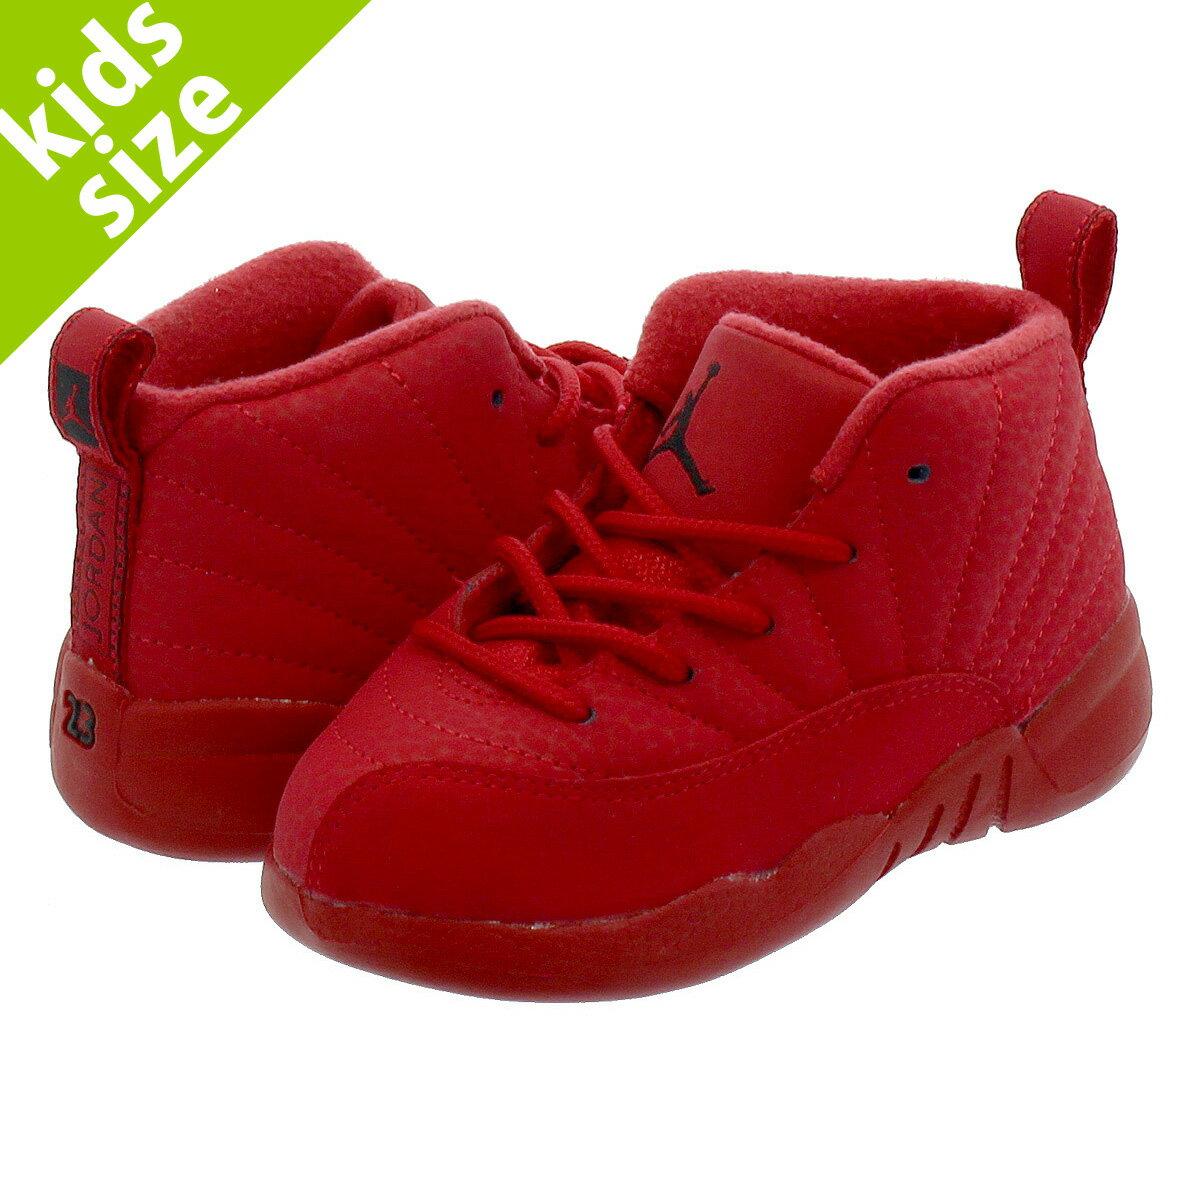 靴, スニーカー 8cm-16cm NIKE AIR JORDAN 12 RETRO TD 12 TD GYM REDBLACKBLACK 850000-601